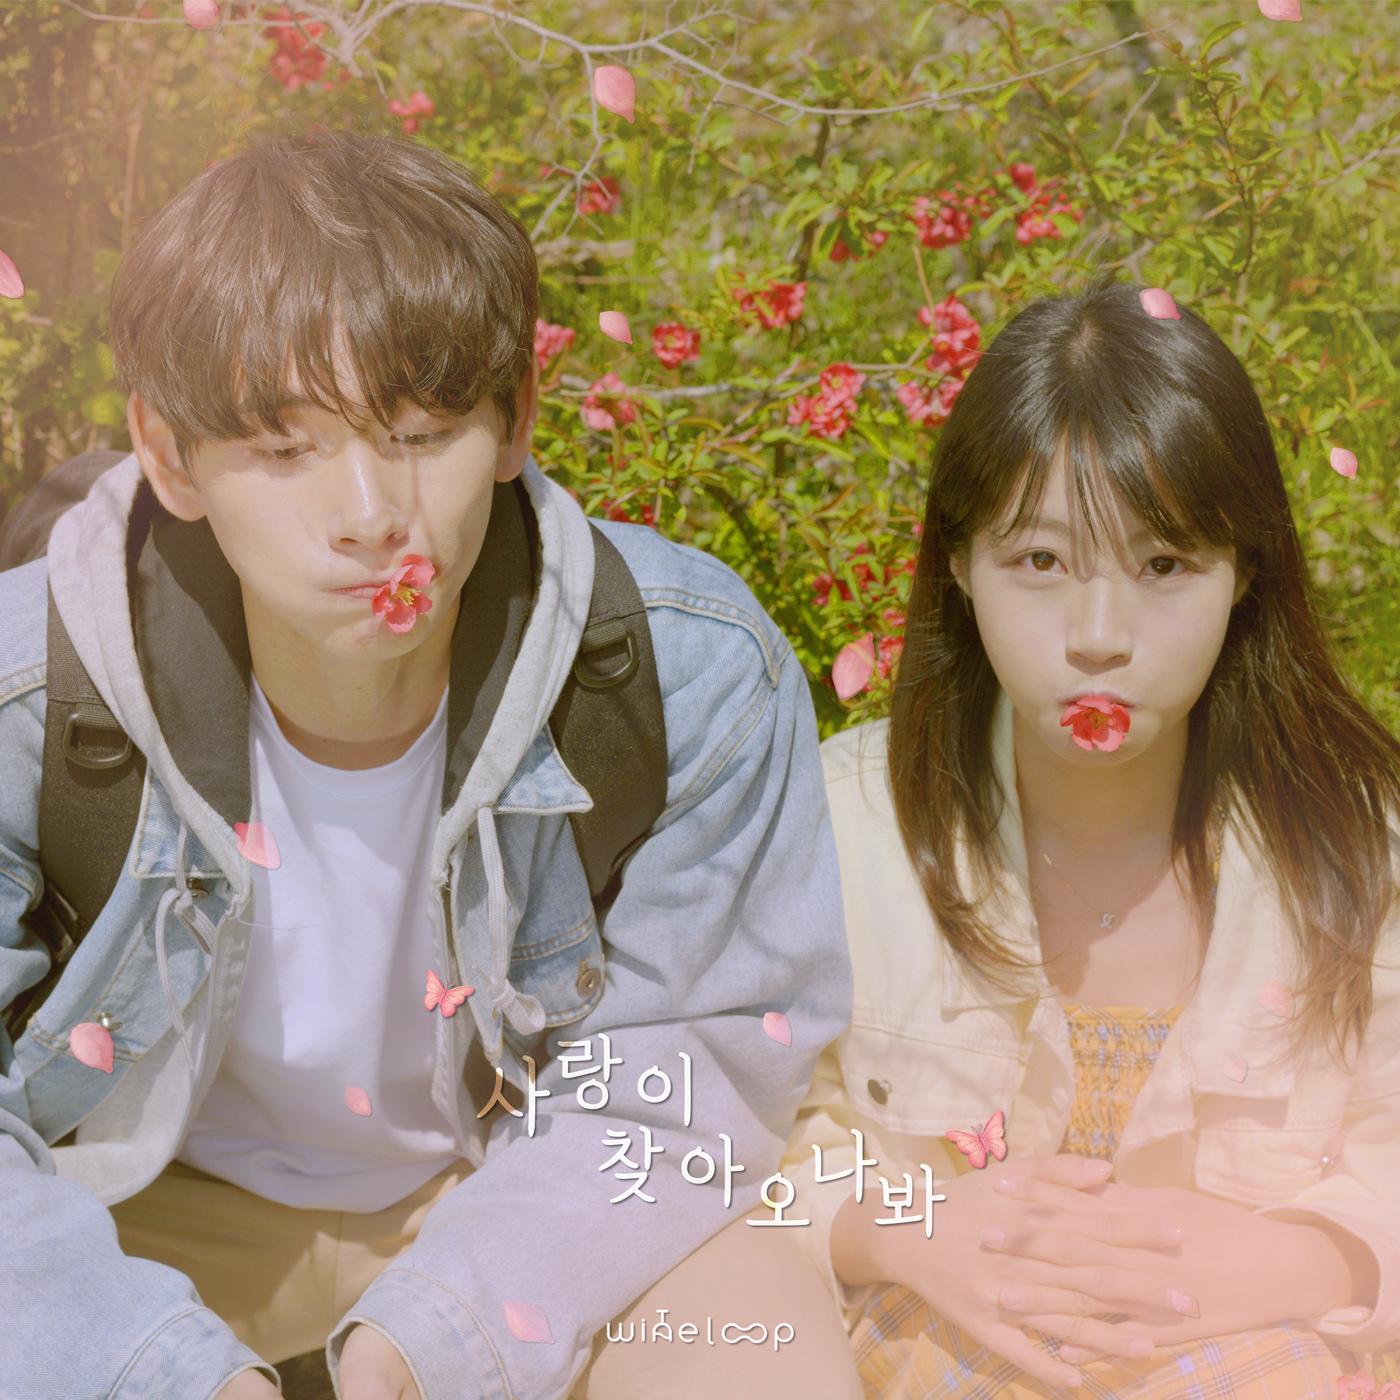 25일(일), 와인루프(Wine Loop) 새 앨범 '사랑이 찾아오나 봐' 발매 | 인스티즈